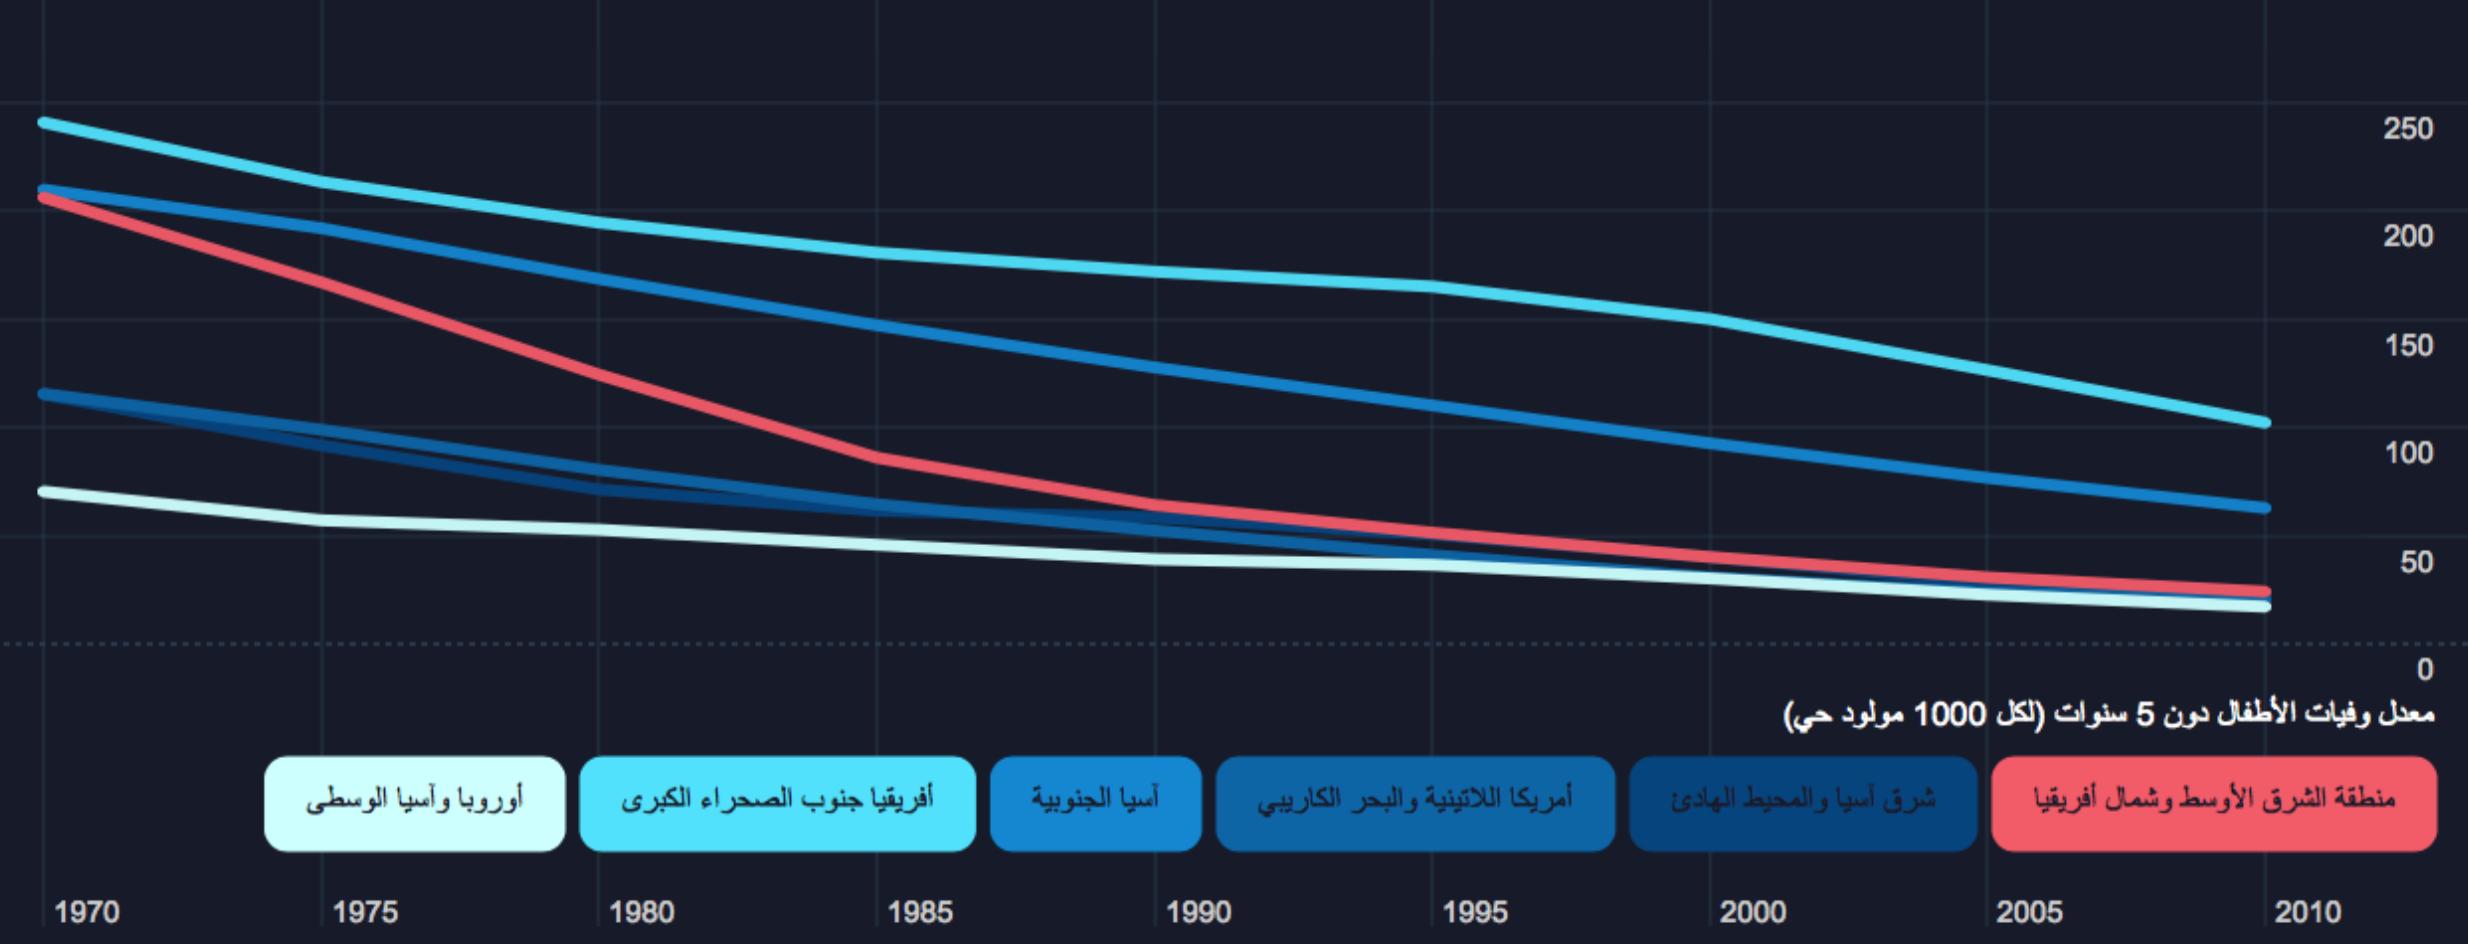 العقد الاجتماعي في العالم العربي - معدل وفيات الأطفال دون 5 سنوات